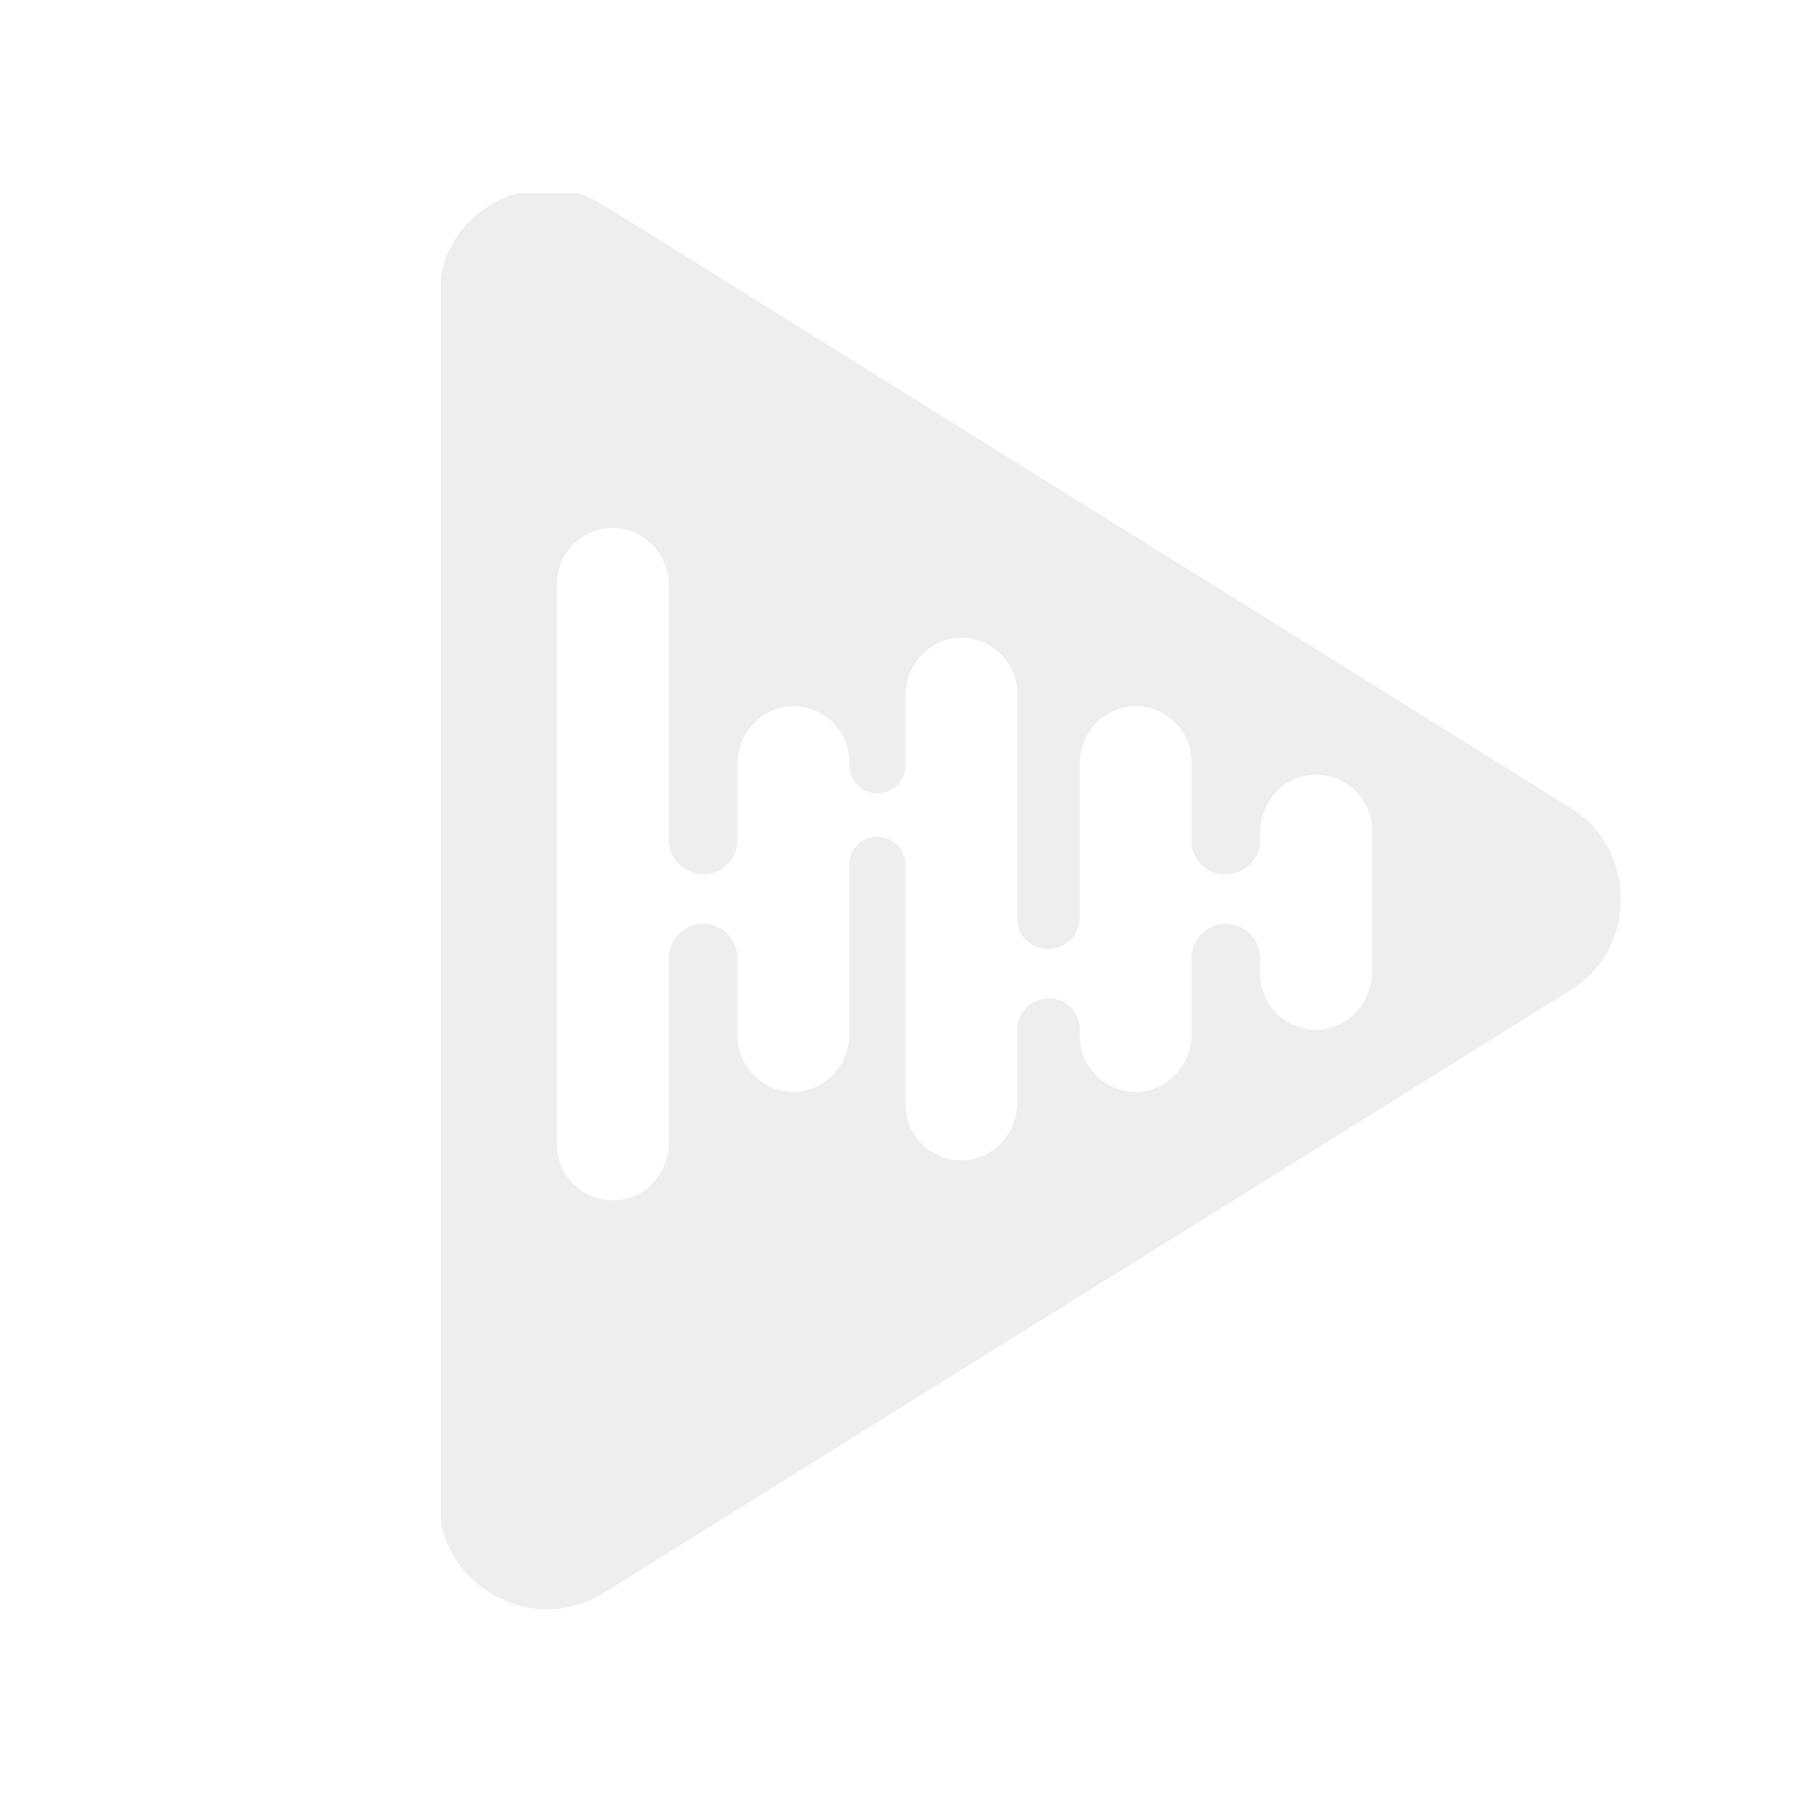 Hertz Hi-Energy KIT PLASTIC GASKET 300 - Pyntelist til HX300.5/D